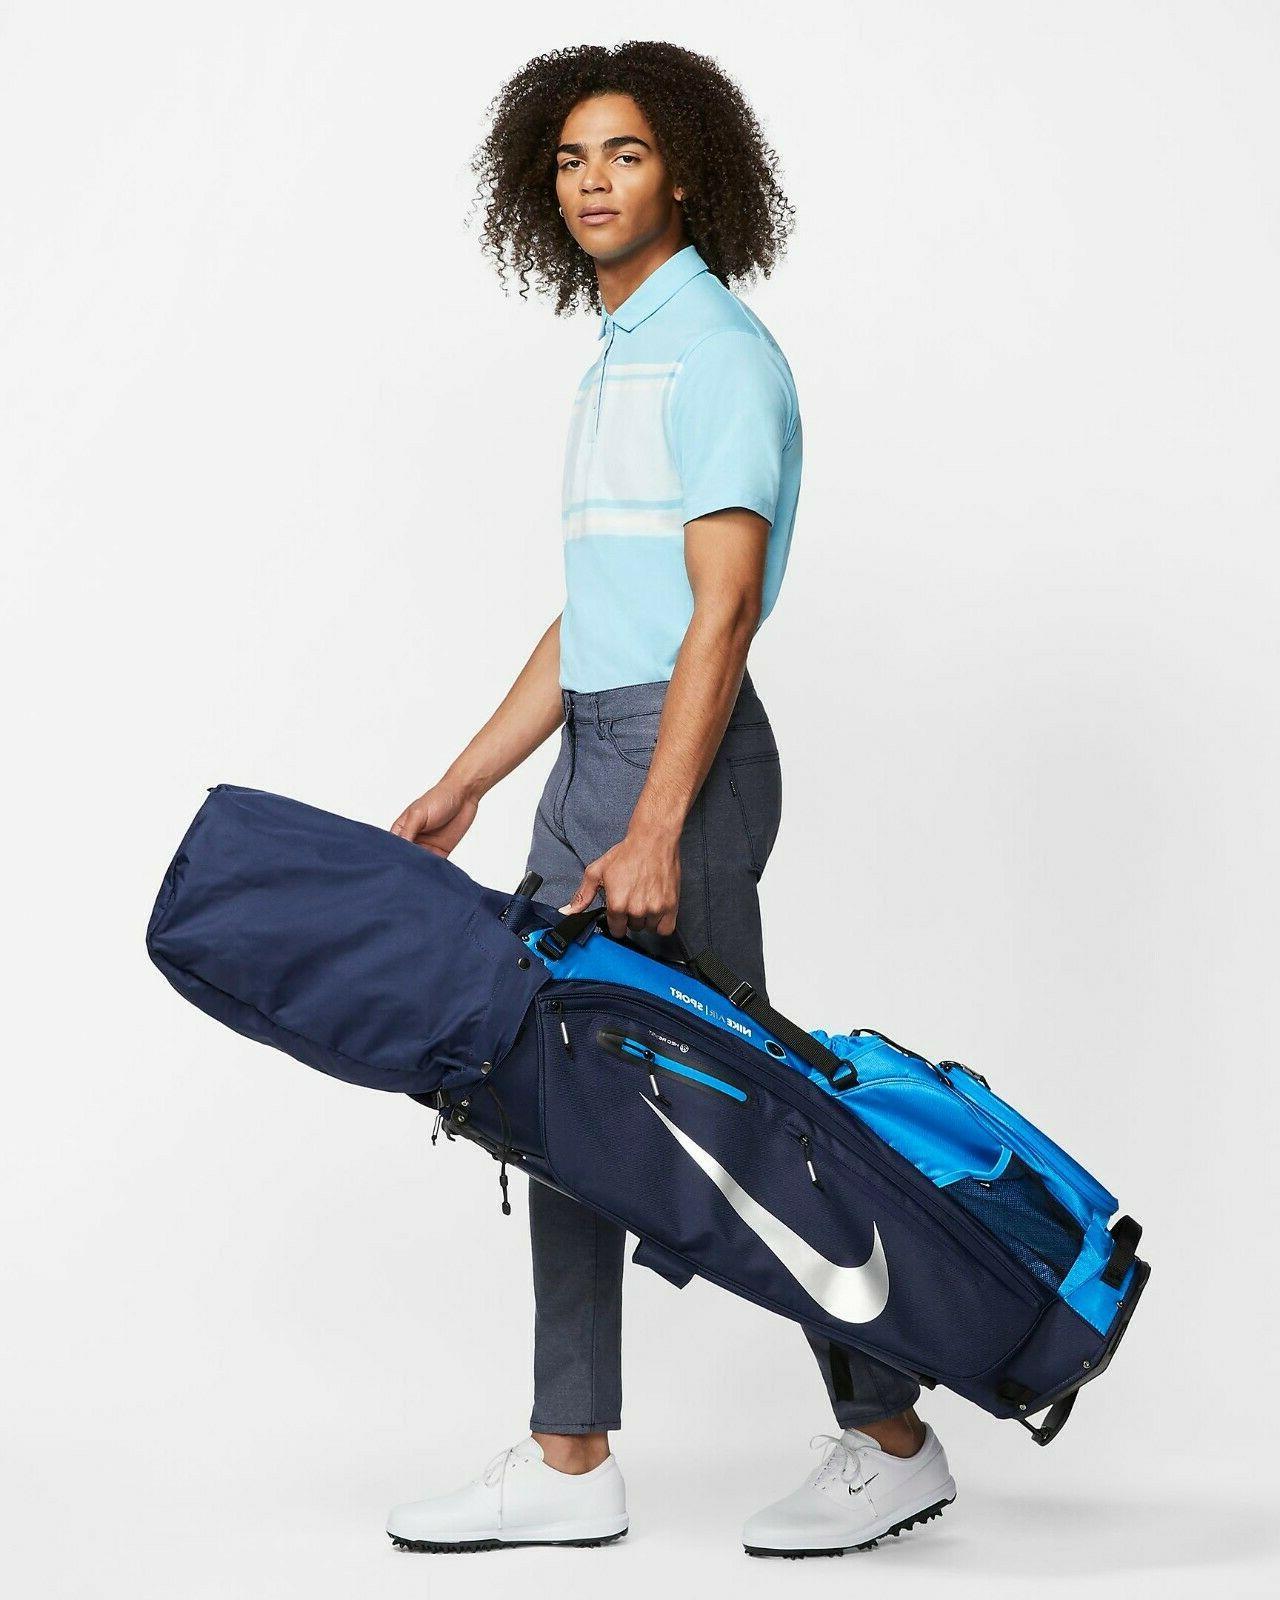 air sport golf bag pop out stand